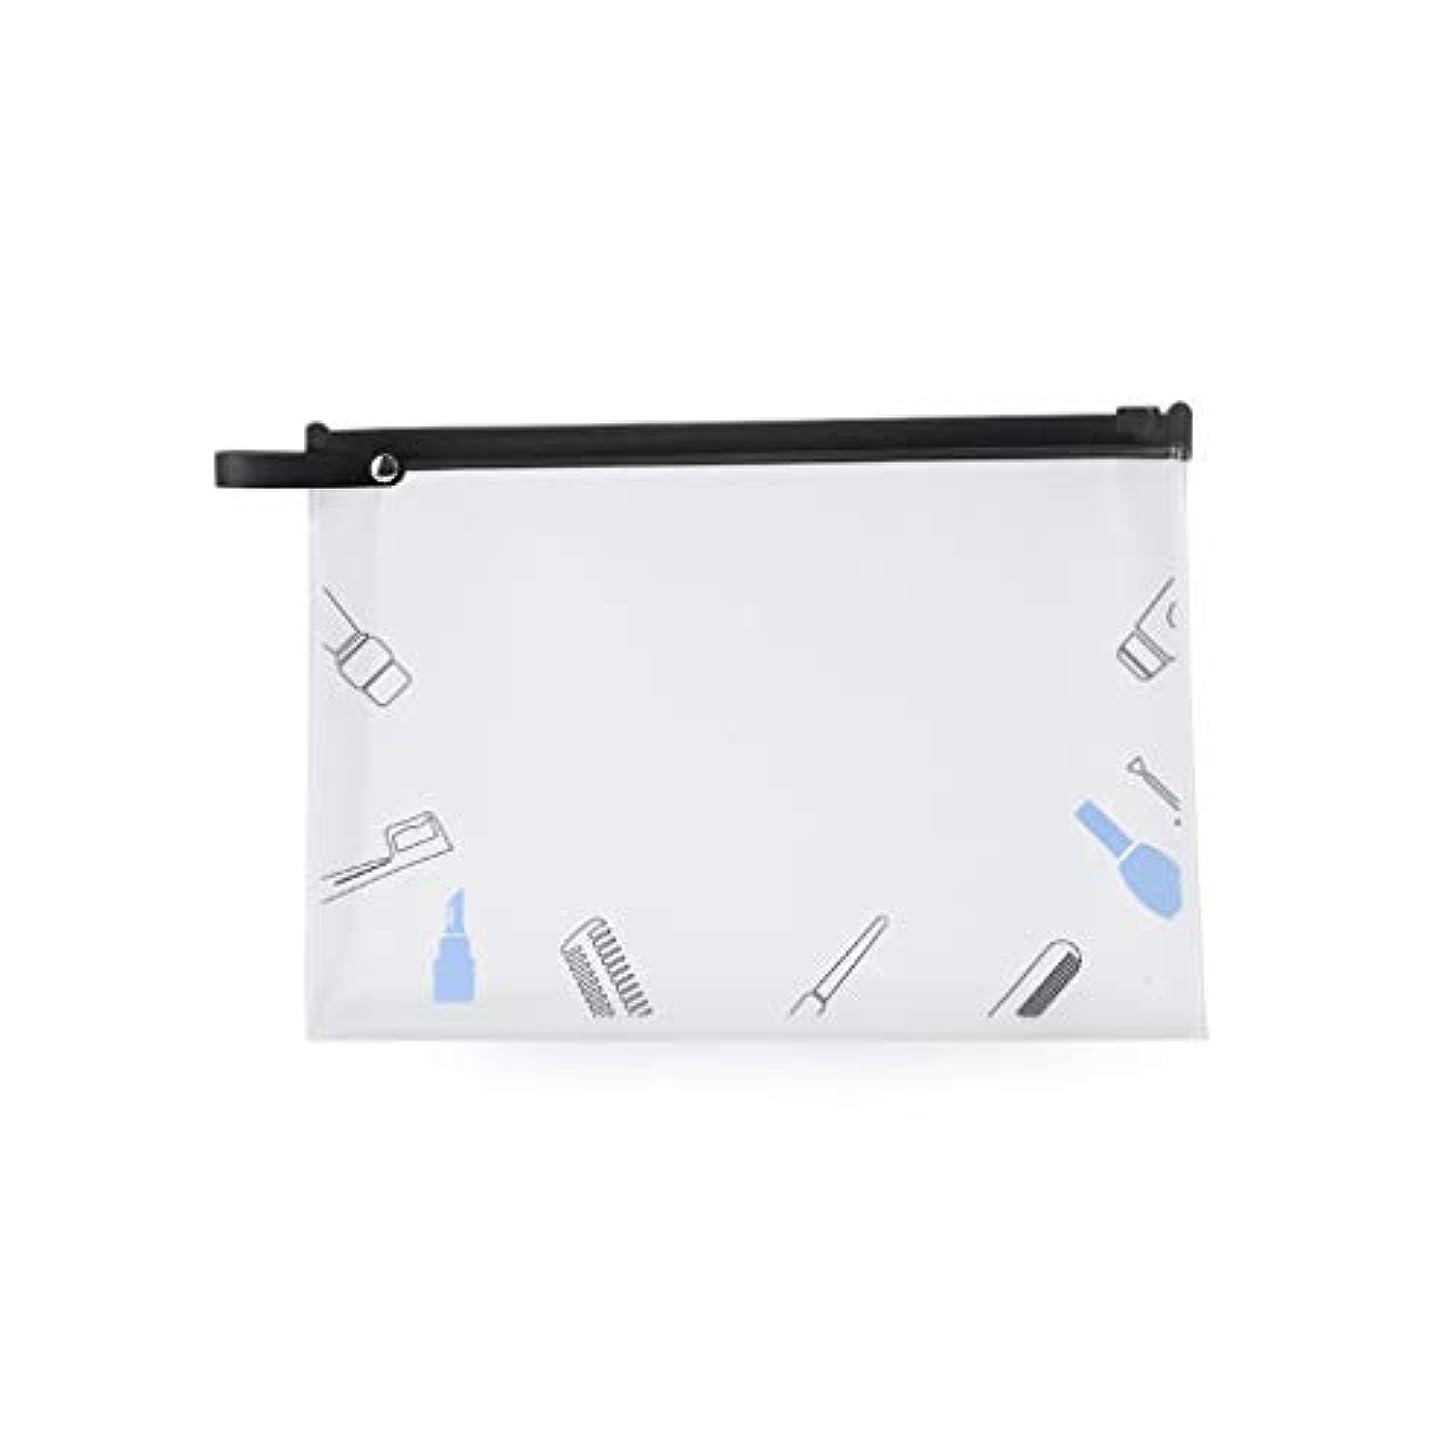 shunxinersty化粧品バッグトラベルメイクアップ化粧品バッグポータブルトイレタリーケース透明収納オーガナイザーウォッシュポーチ